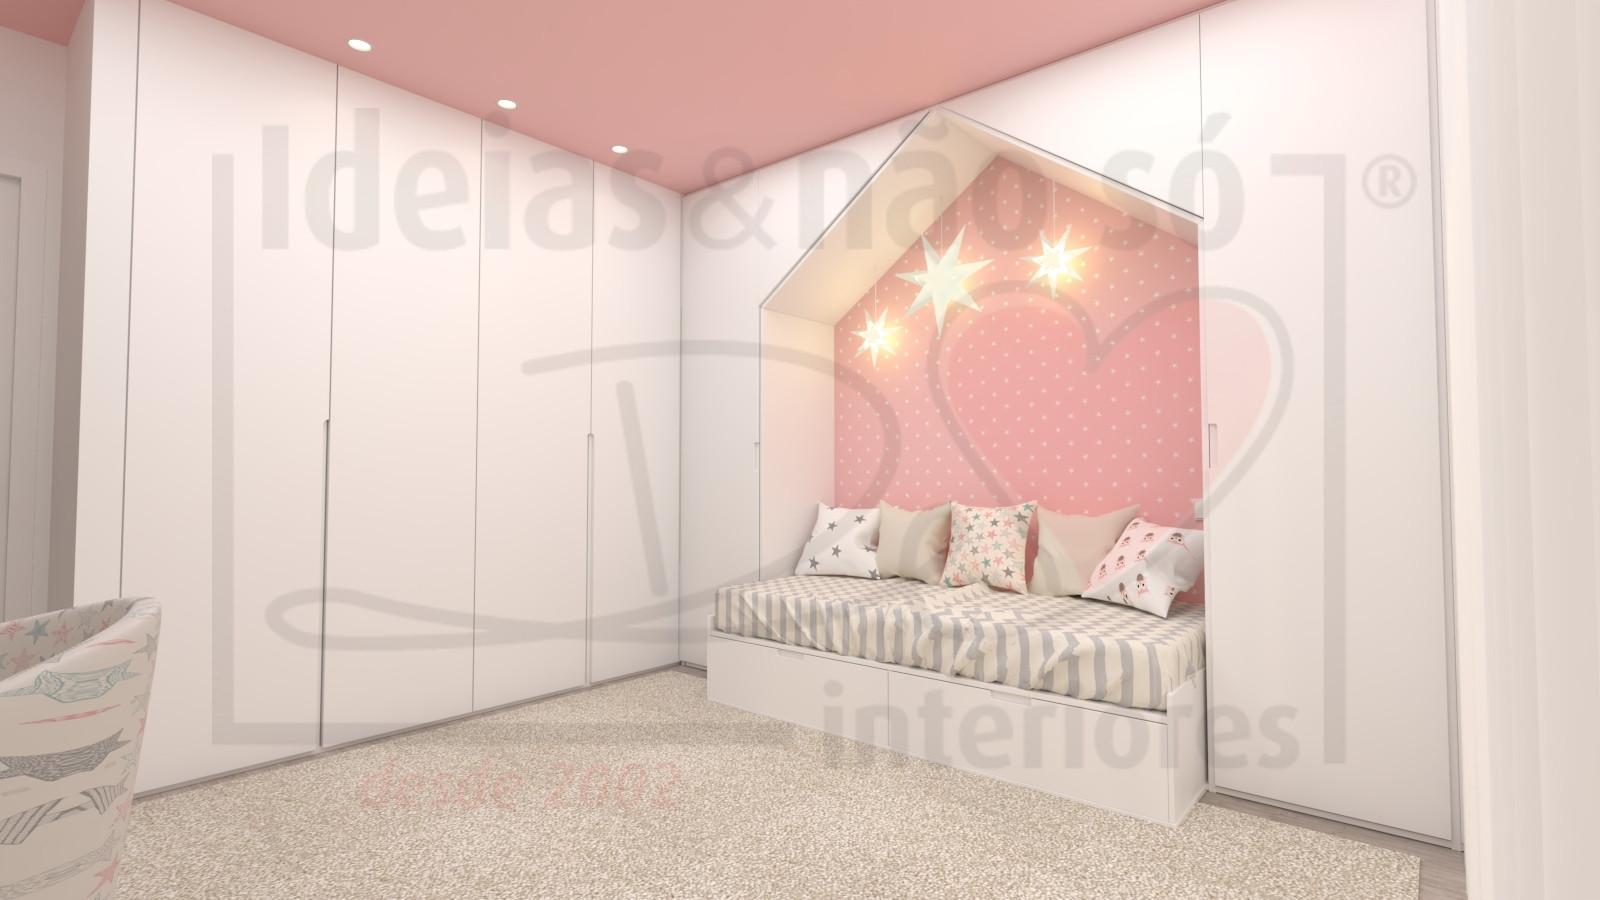 1_Scene 10.effectsResult.jpg